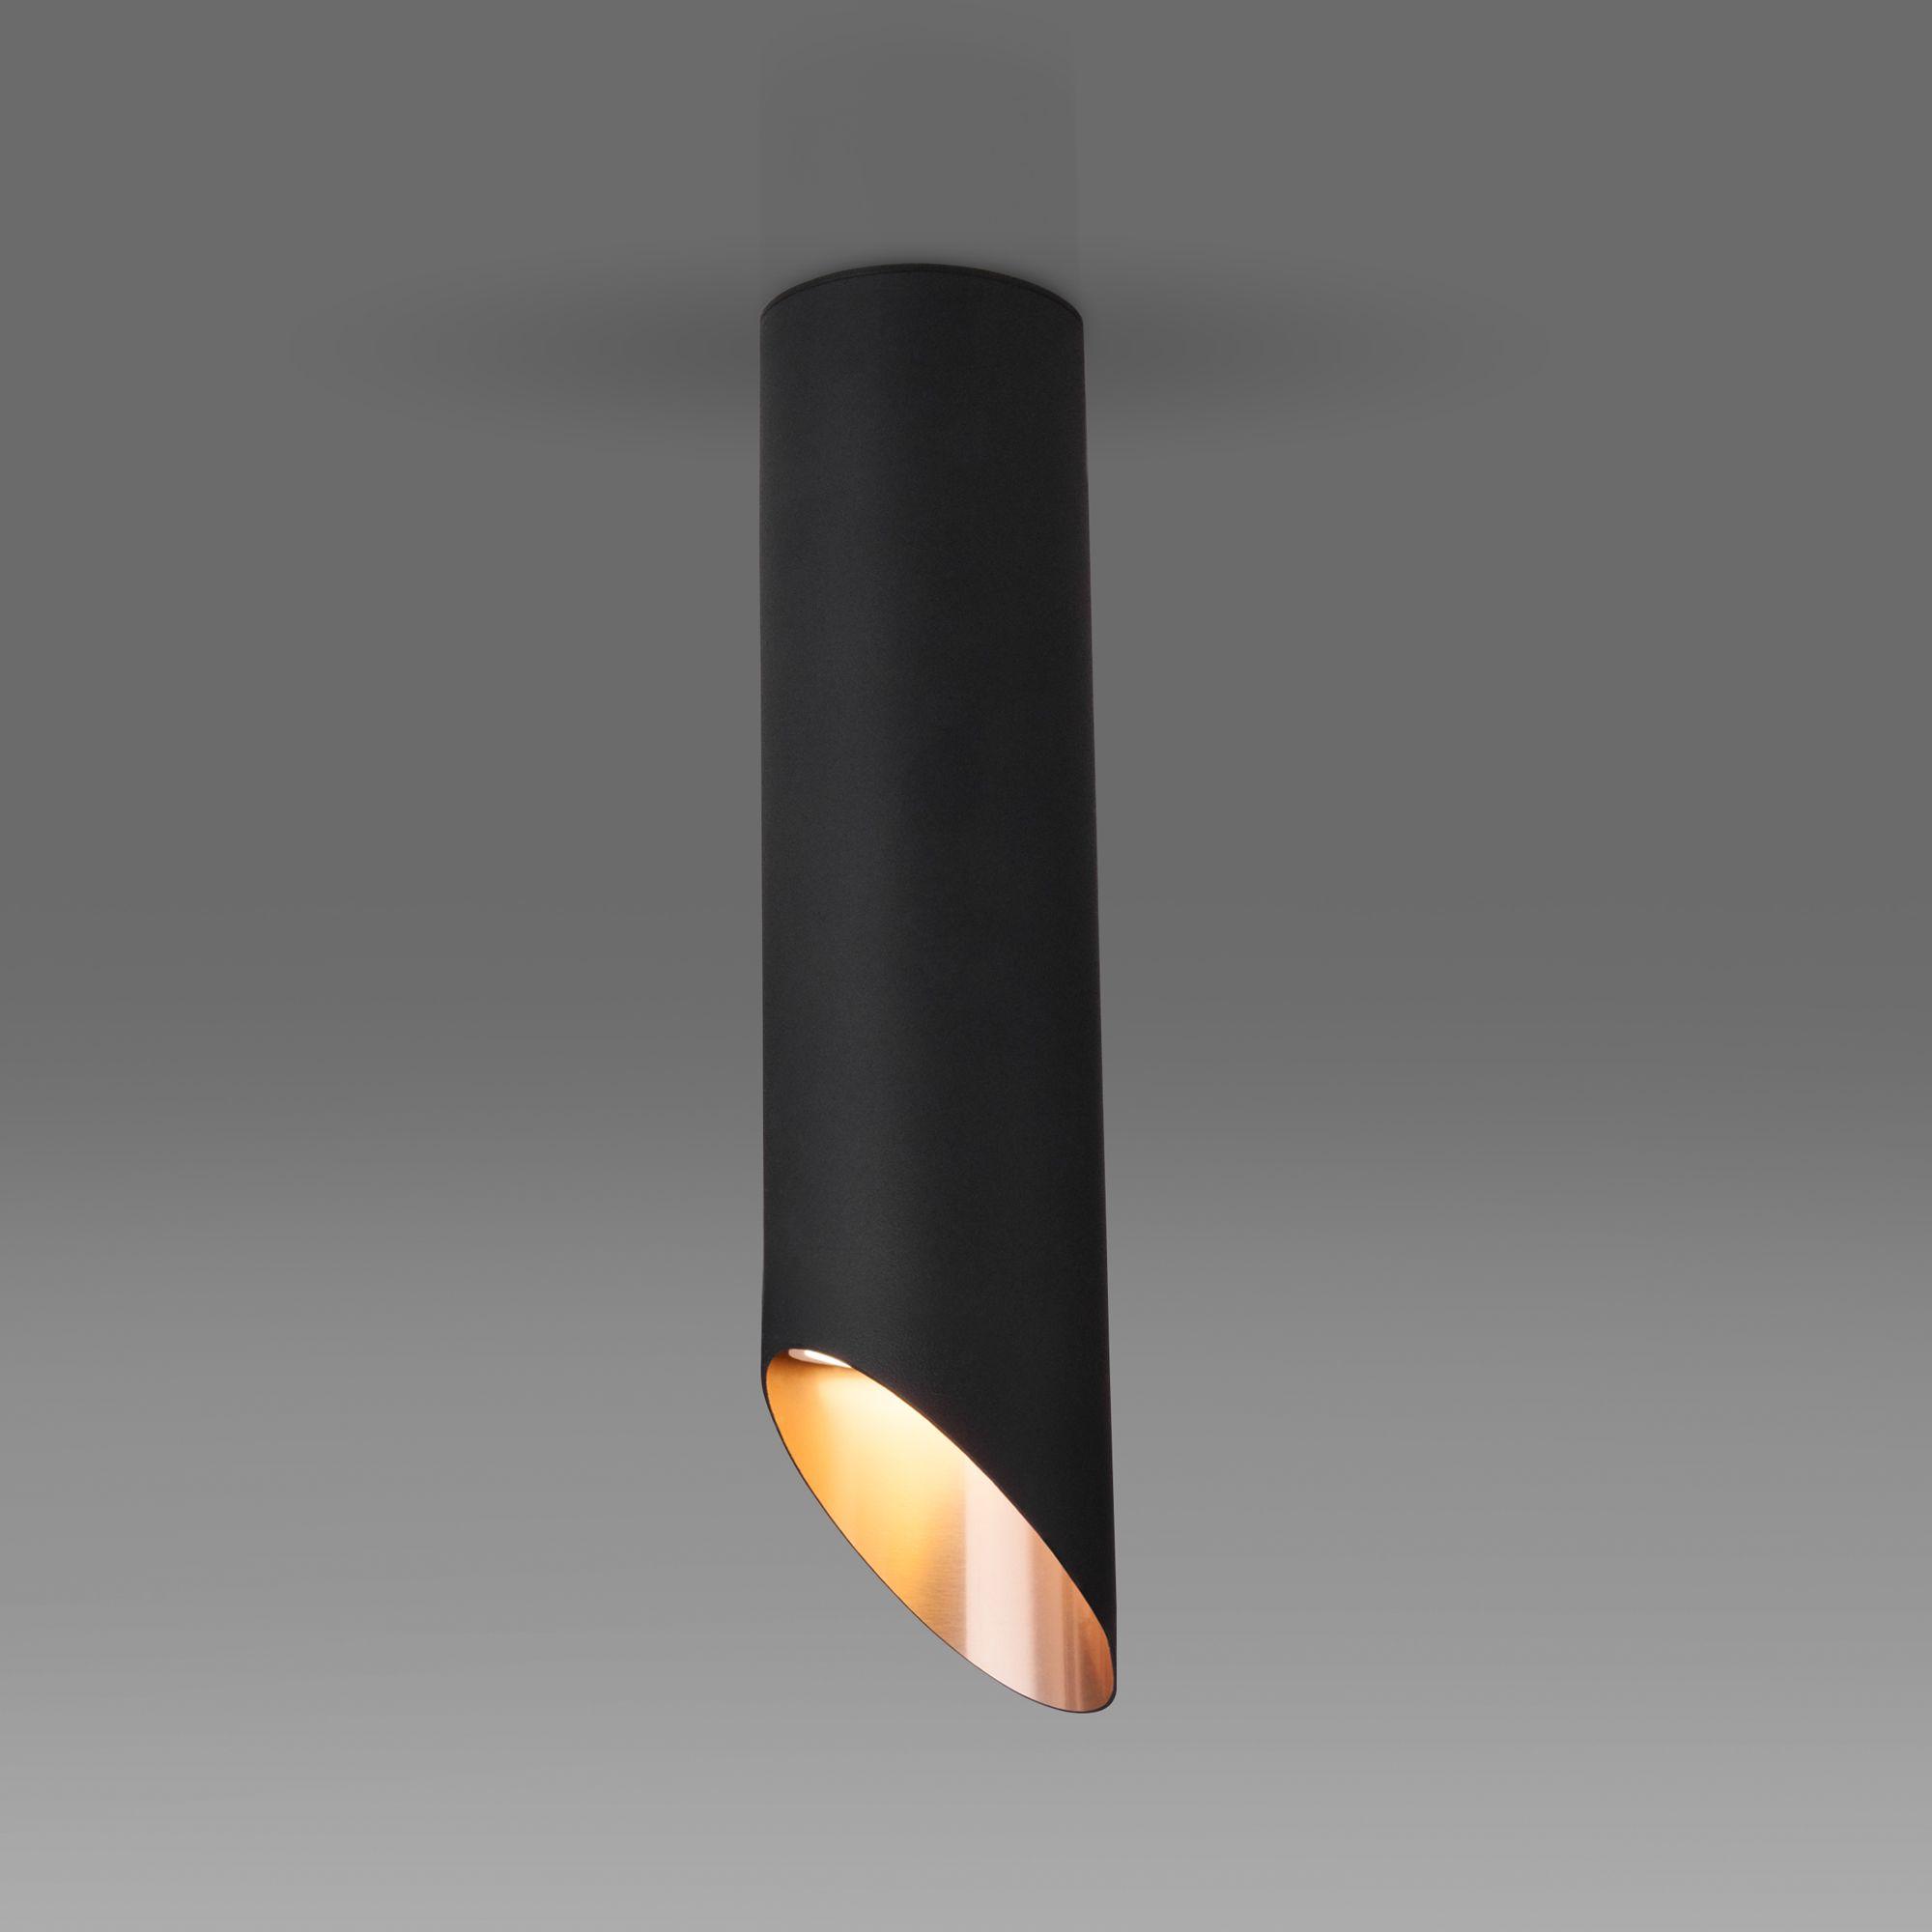 Накладной акцентный светильник DLN115 GU10 черный/золото